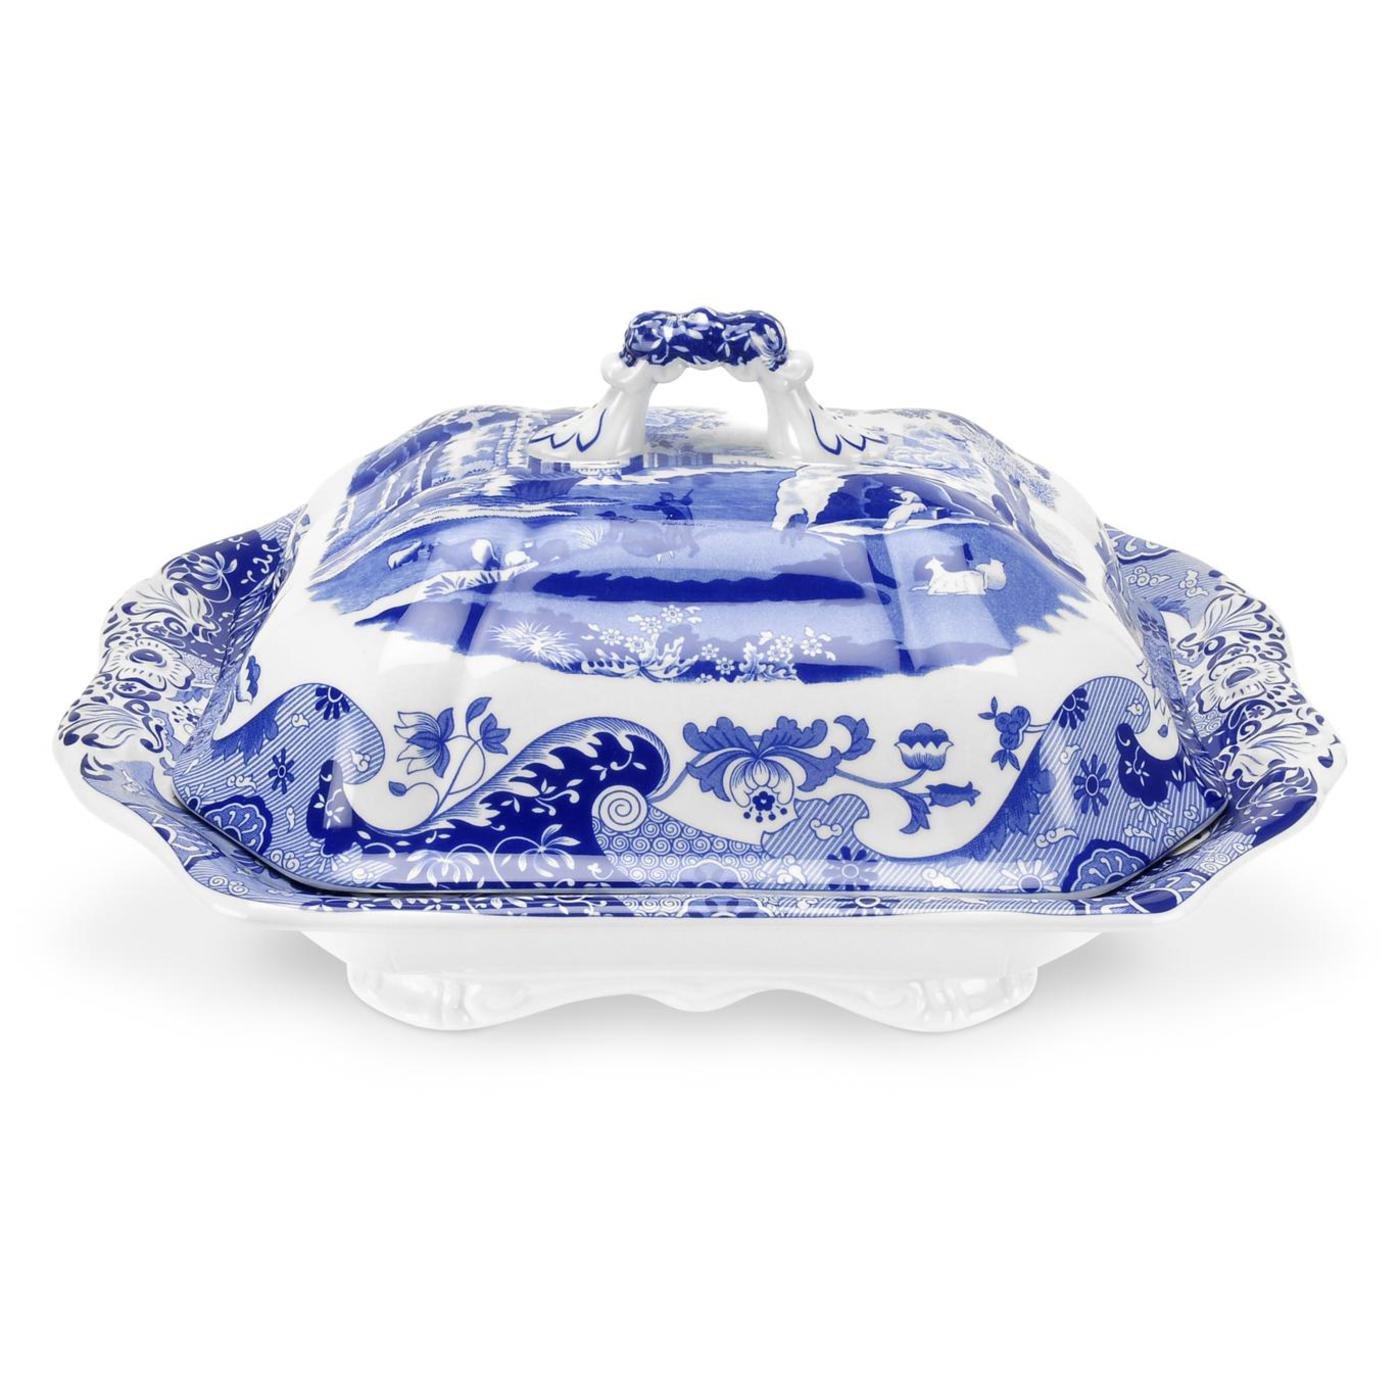 Amazon.com: Spode Blue Italian – verduras plato y tapa, 12 ...